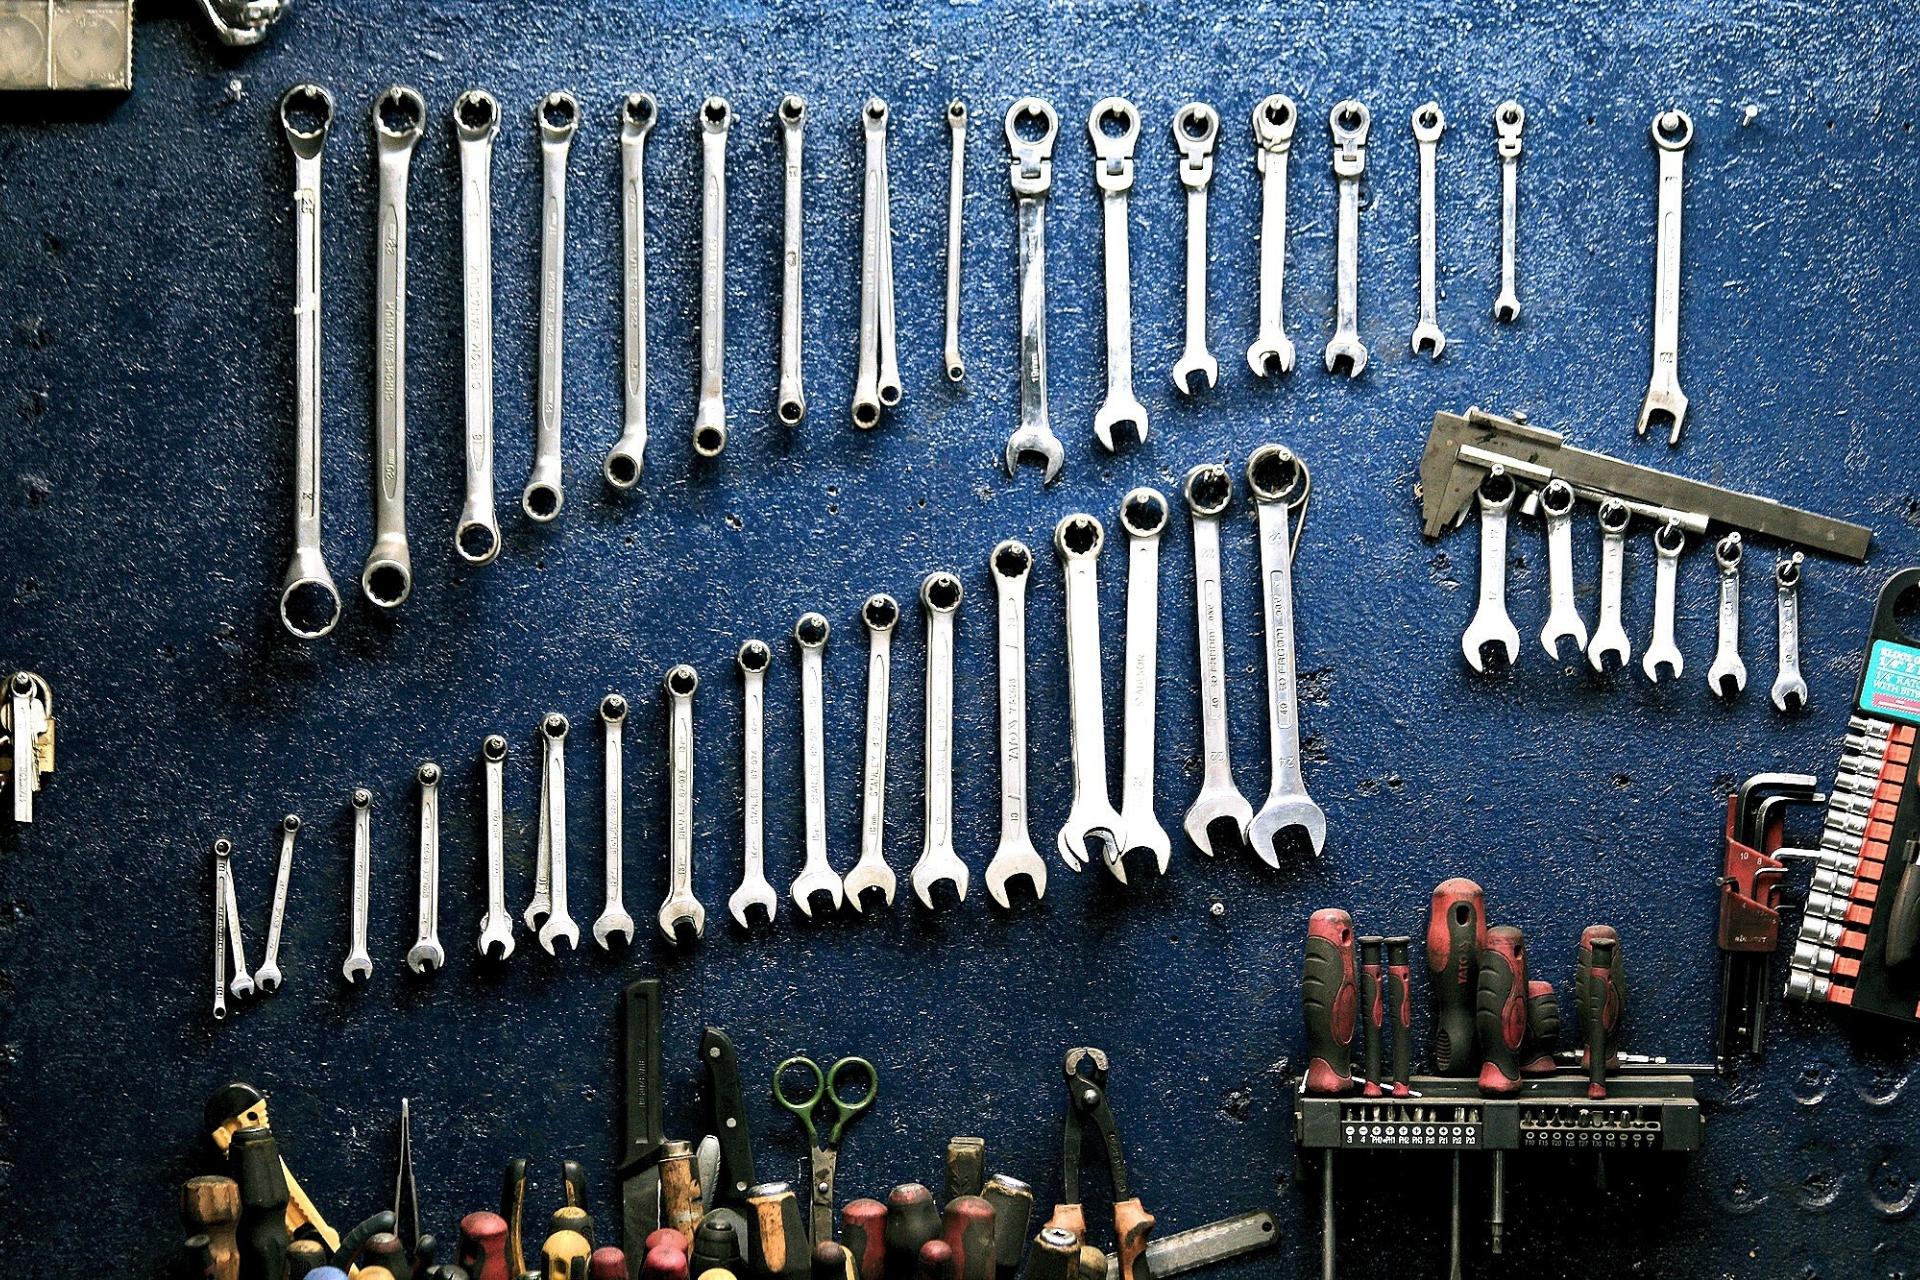 Garage/Storage Organization